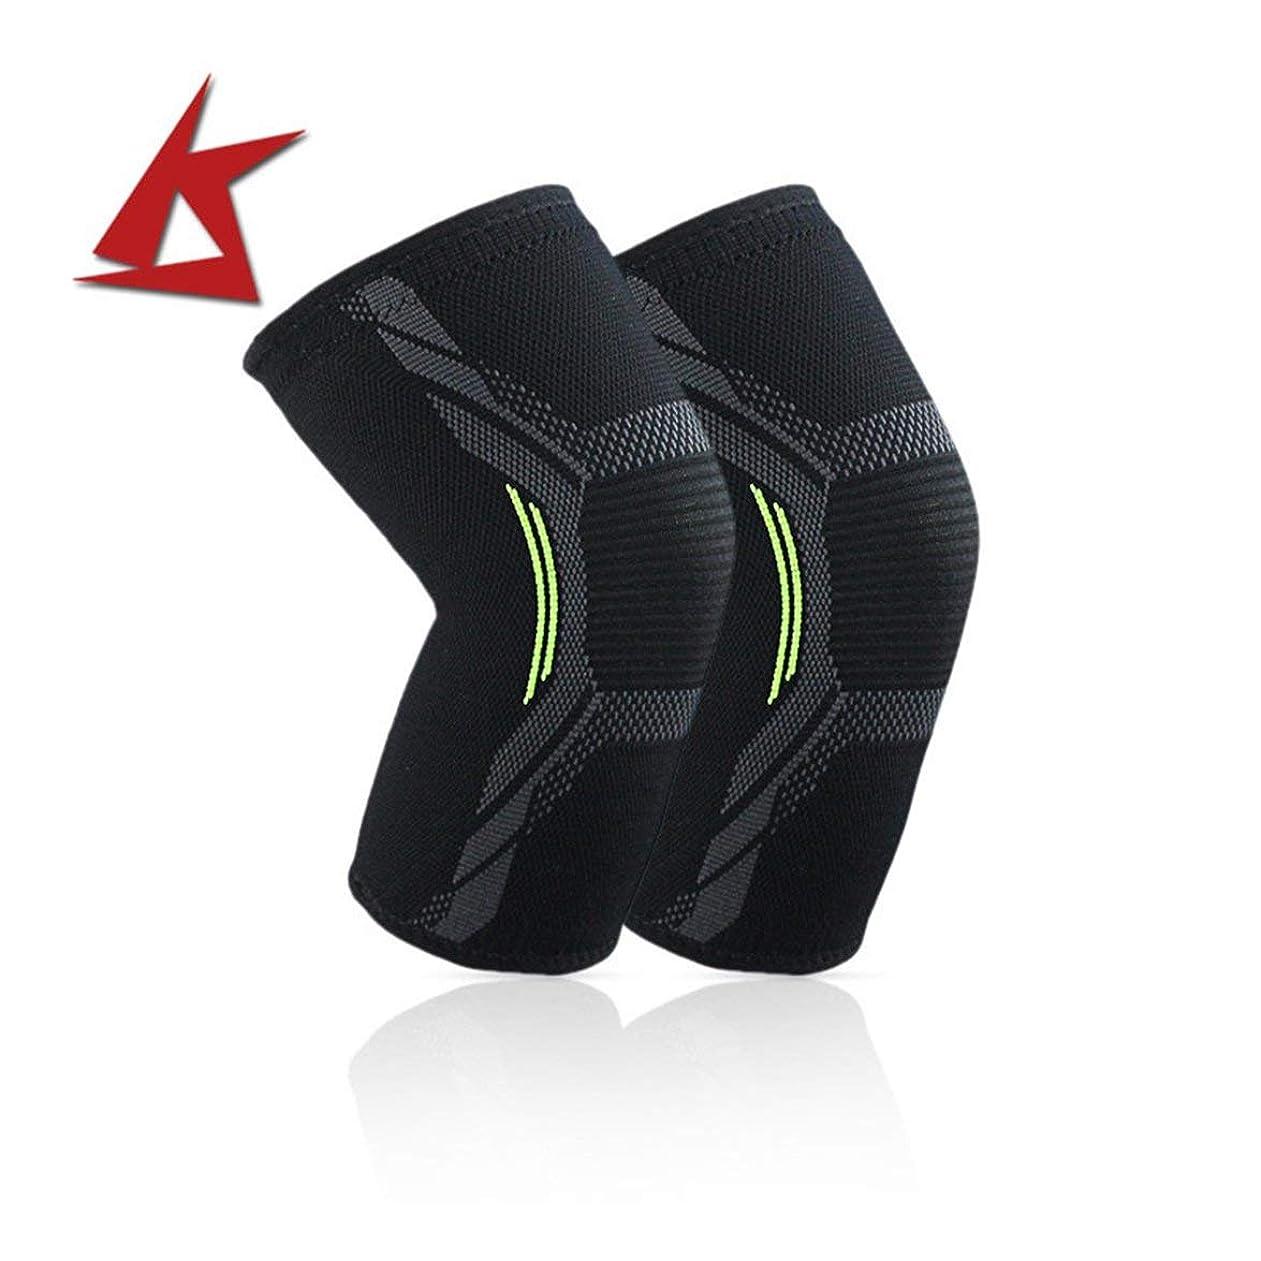 動く懲戒橋脚ニット膝パッド耐久性のあるナイロン膝ブレーススポーツ保護パッド超薄型膝サポート安全膝パッド - ブラックL